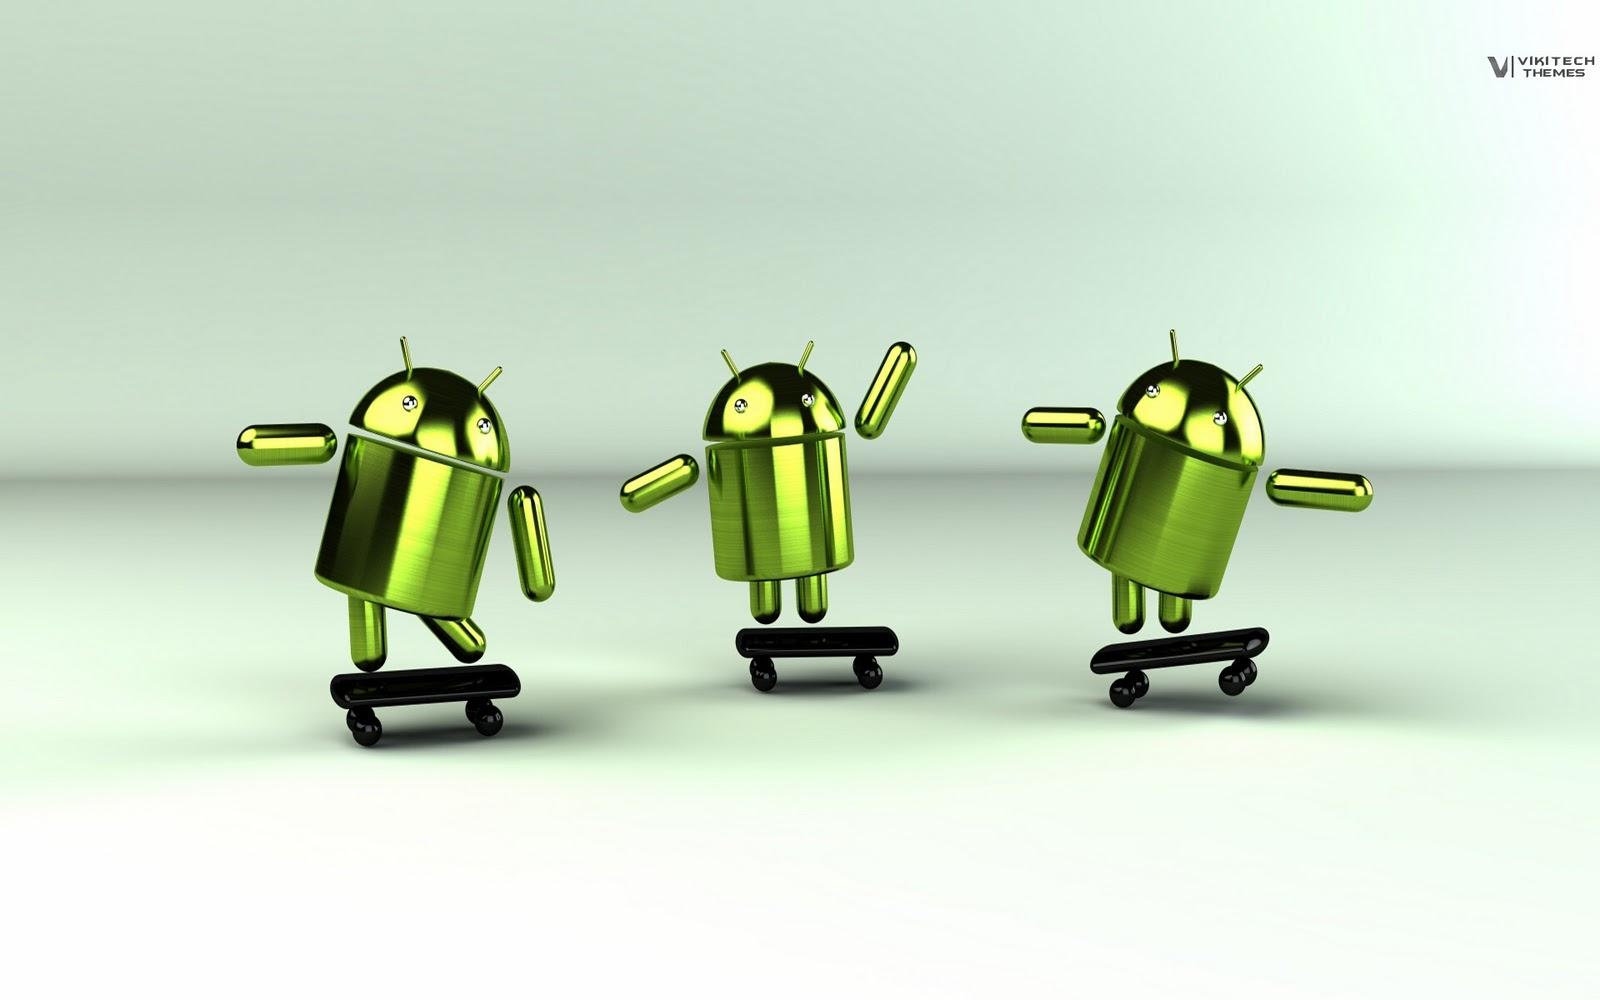 http://1.bp.blogspot.com/_E26Ndy_oKVc/TPlqU4QhagI/AAAAAAAAAx8/RywsTejau1g/s1600/Wallpaper+Android+%252820%2529.jpg